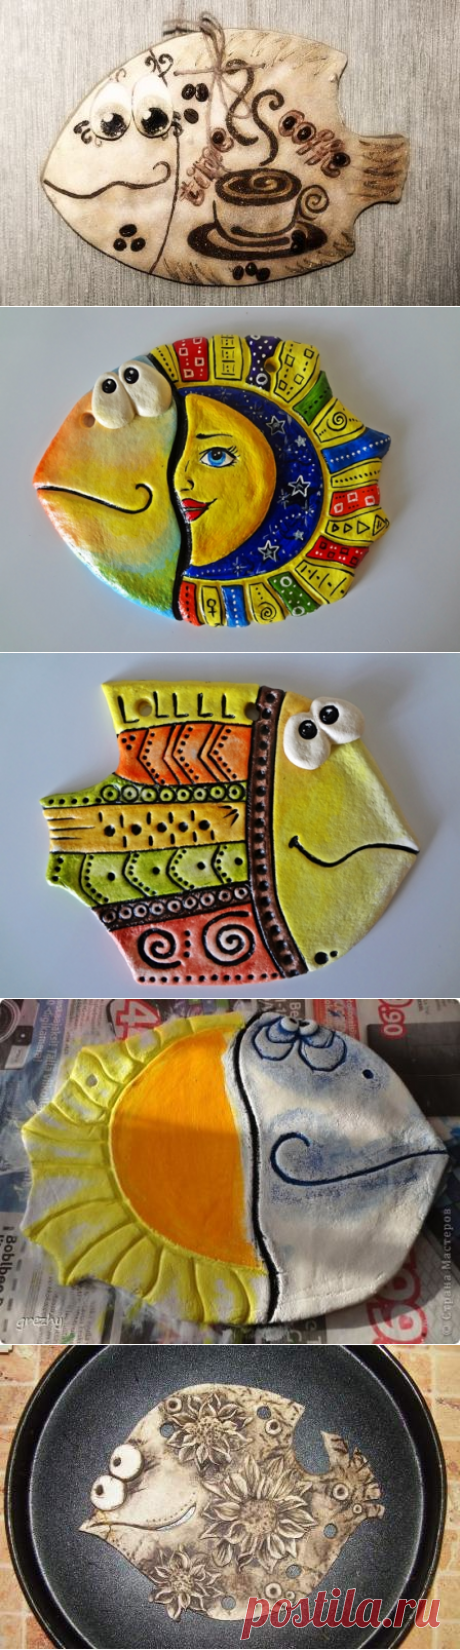 Декоративные рыбы из соленого теста — Делаем руками